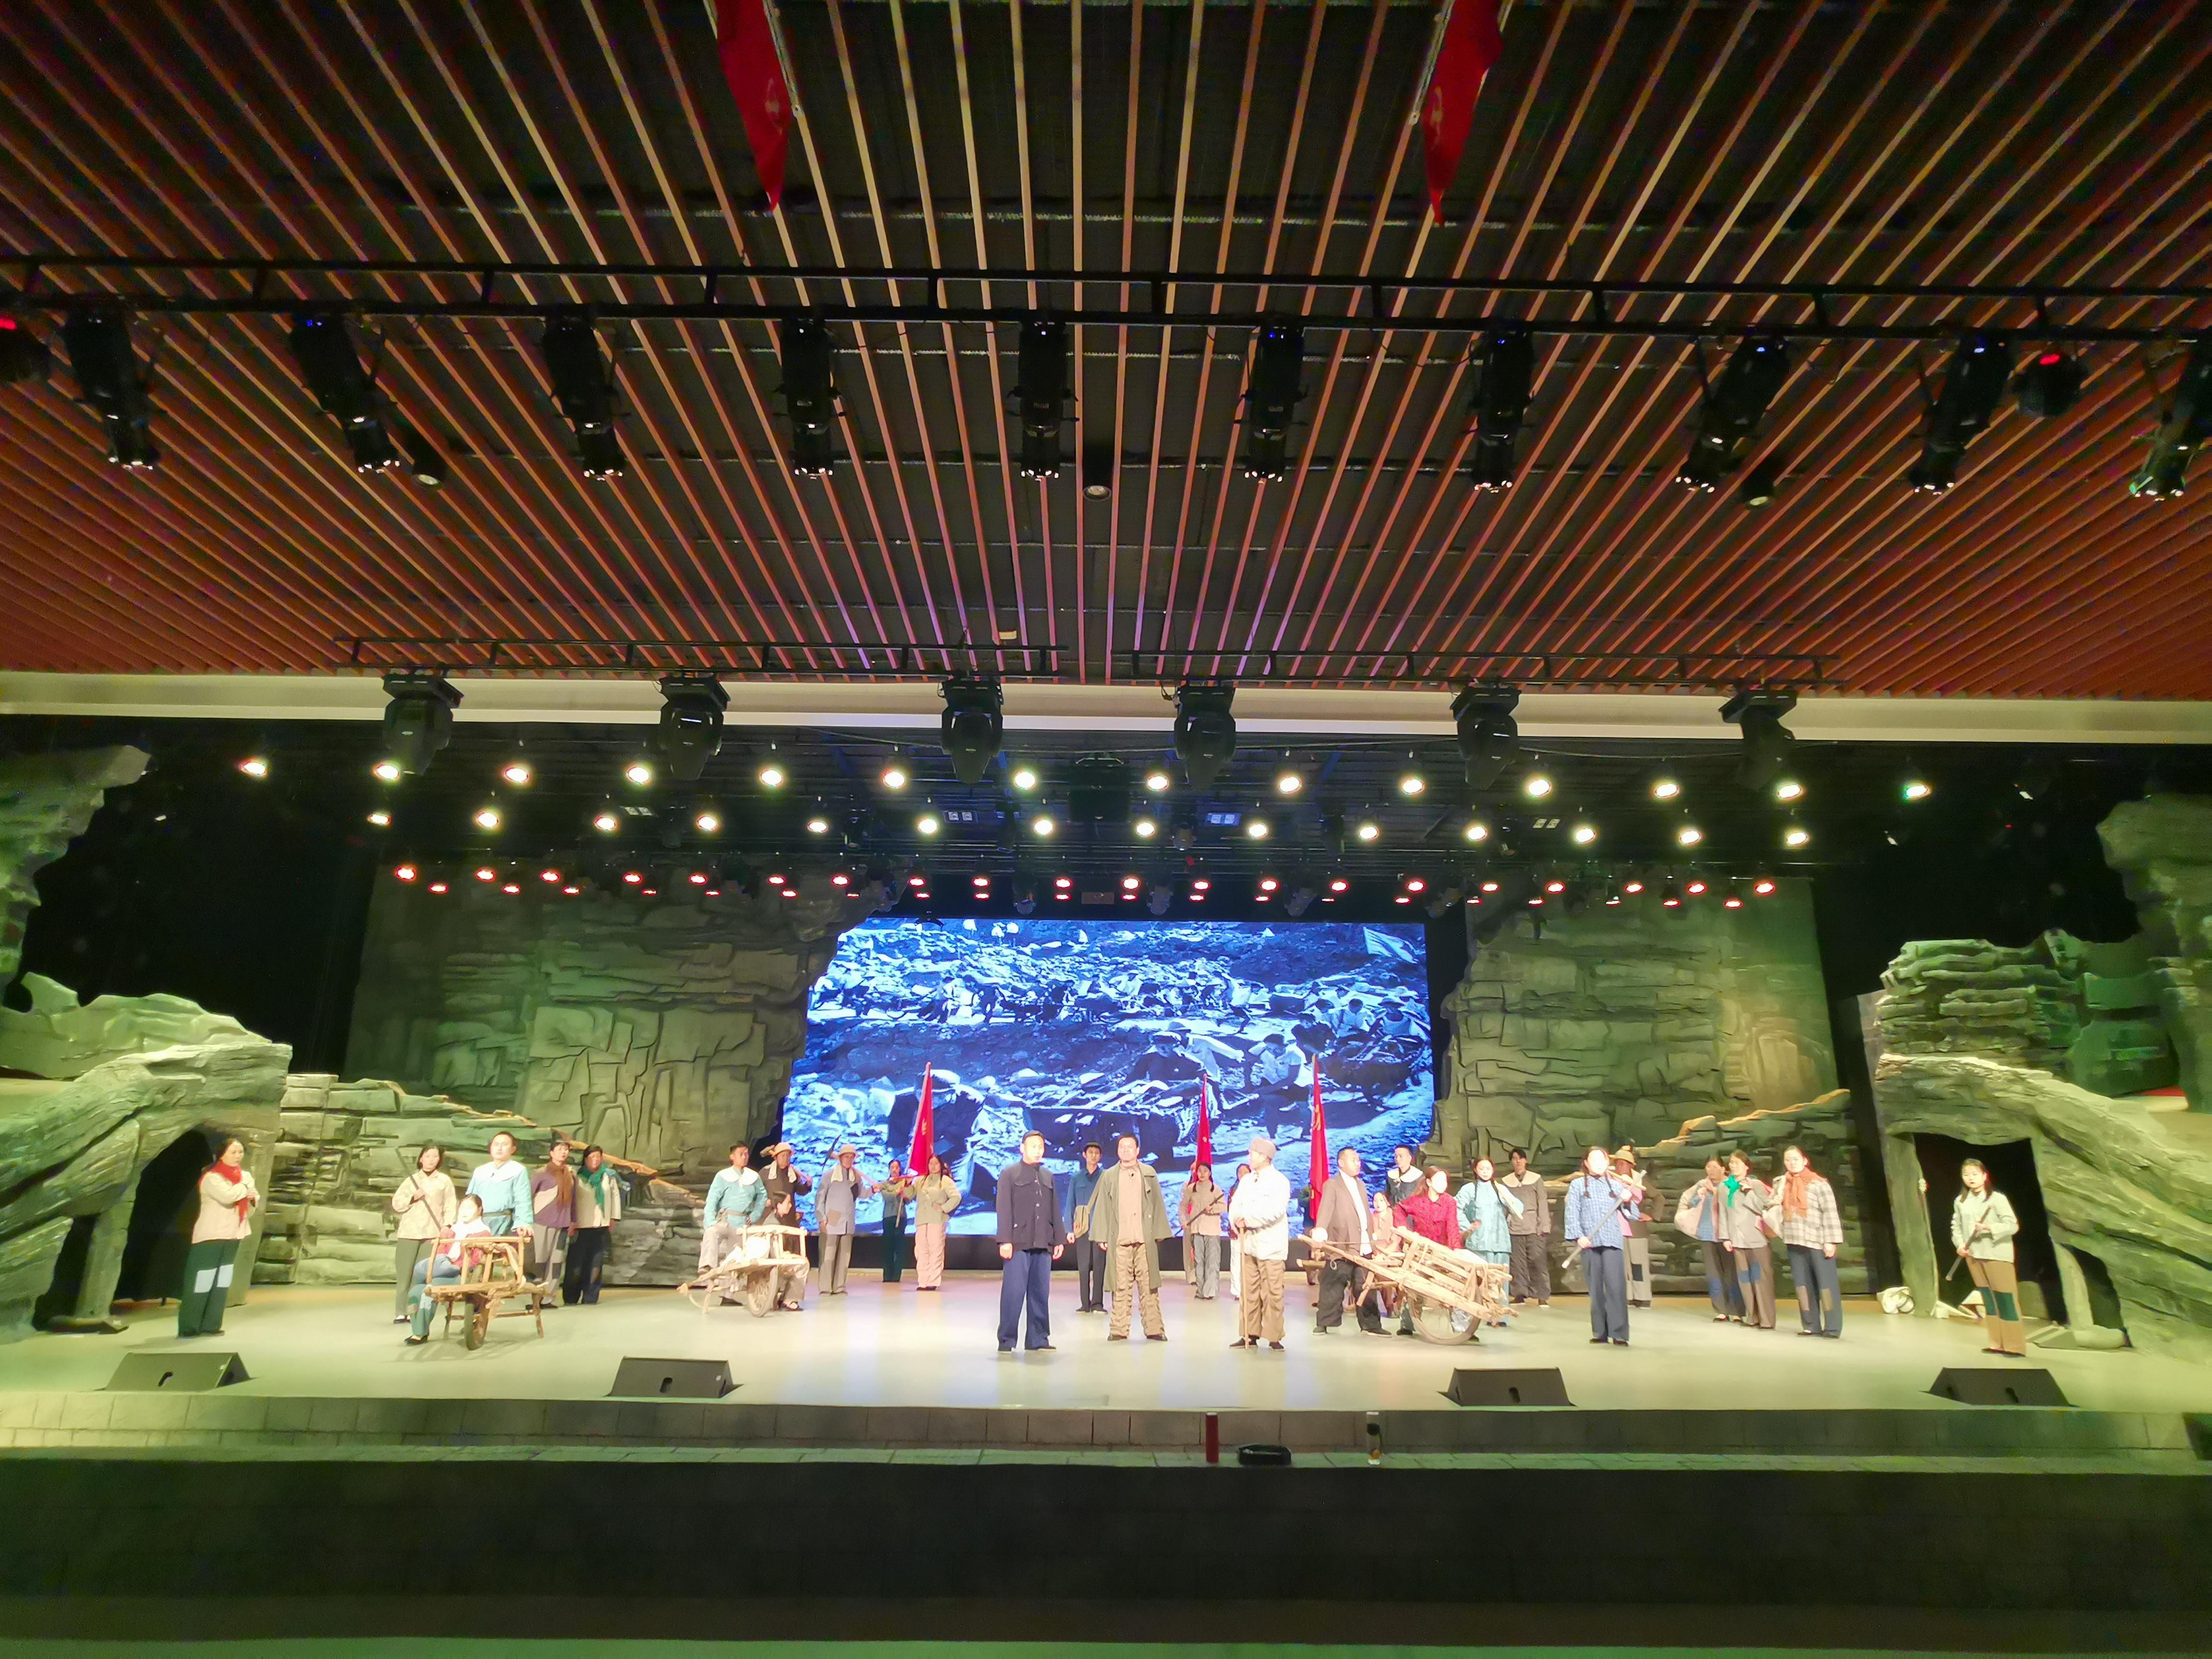 林州市推出大型话剧《难忘红旗渠》英雄画卷 浩然长歌